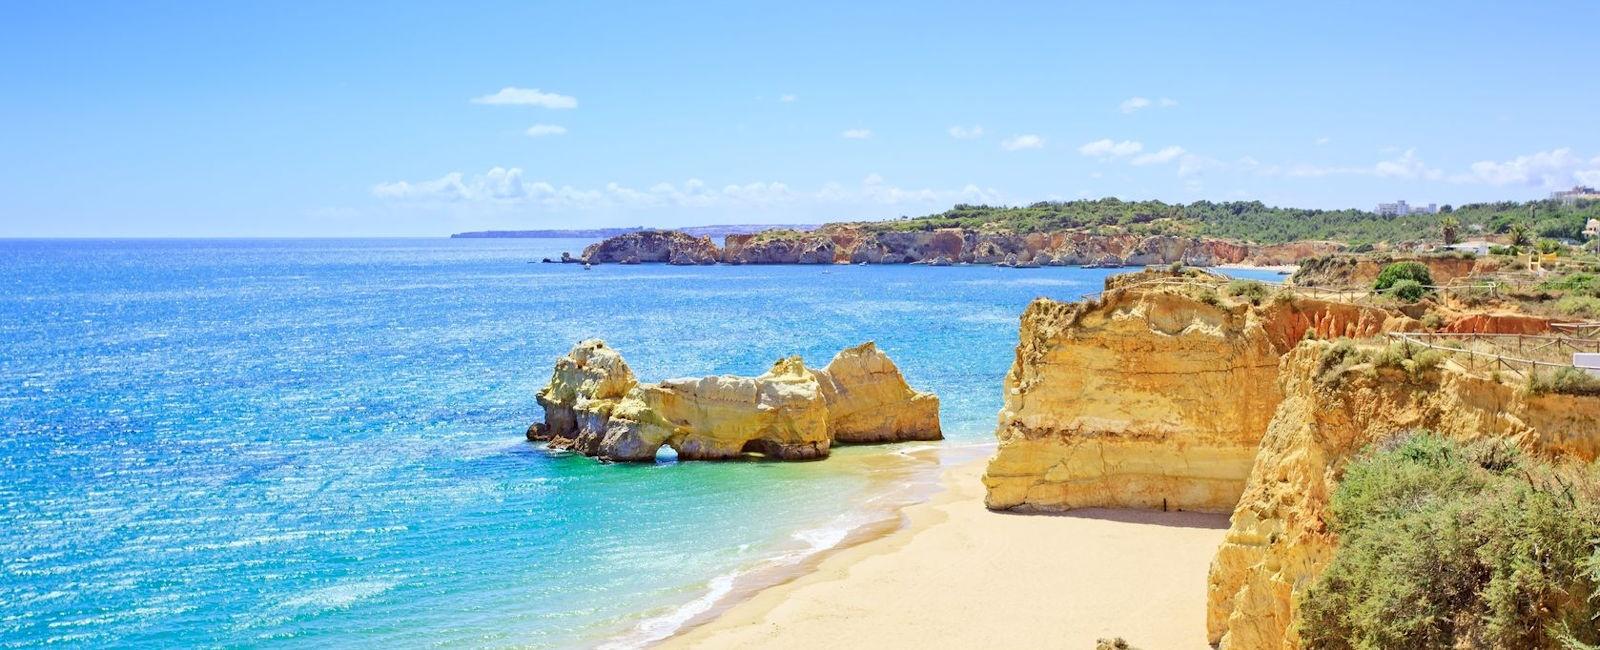 Luxury Praia da Rocha Holidays